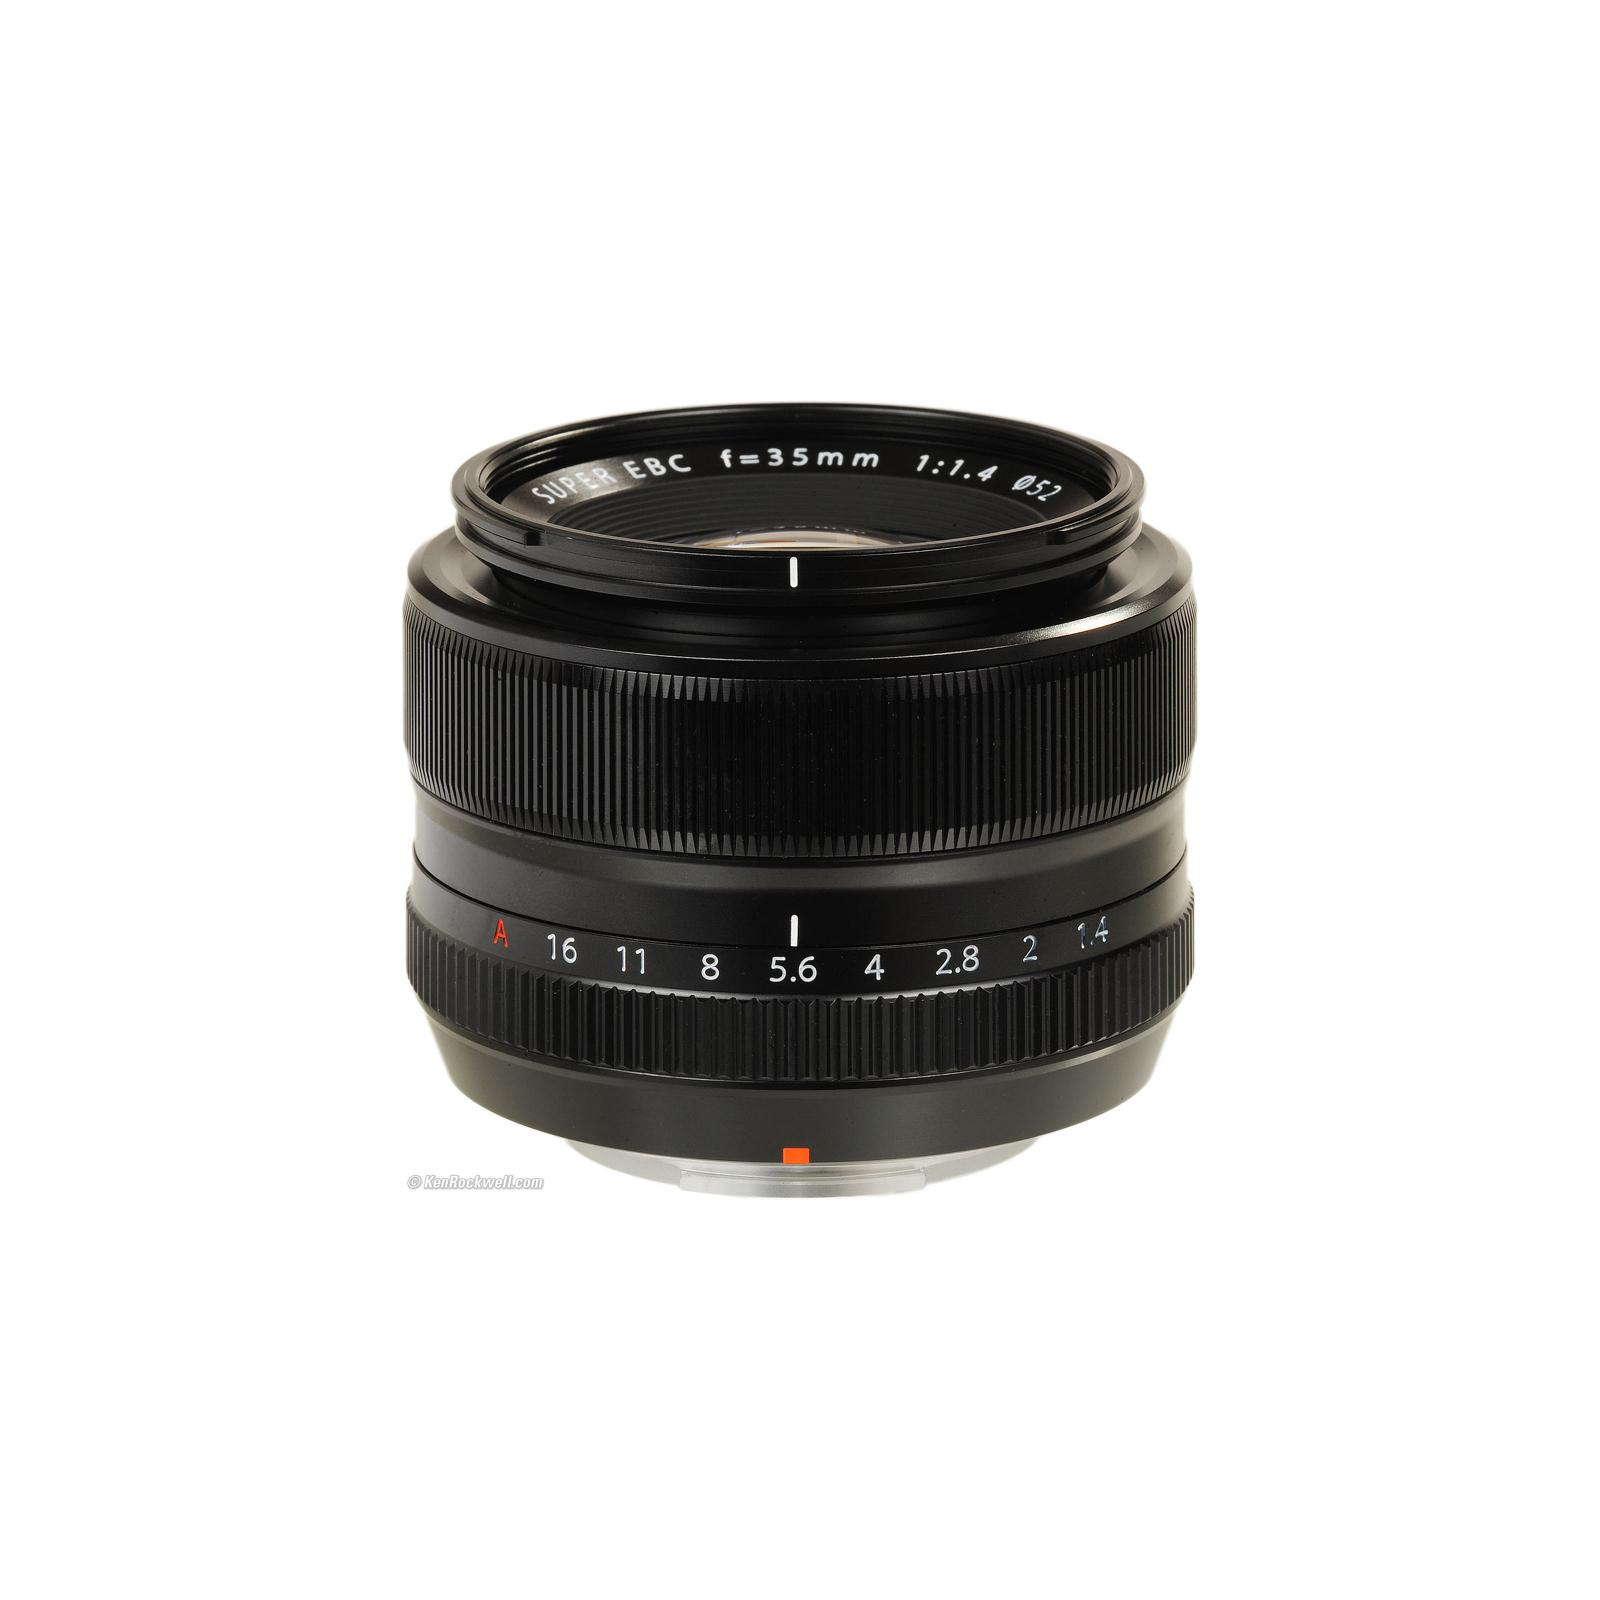 Объектив Fujifilm XF-35mm F1.4 R (16240755) изображение 3